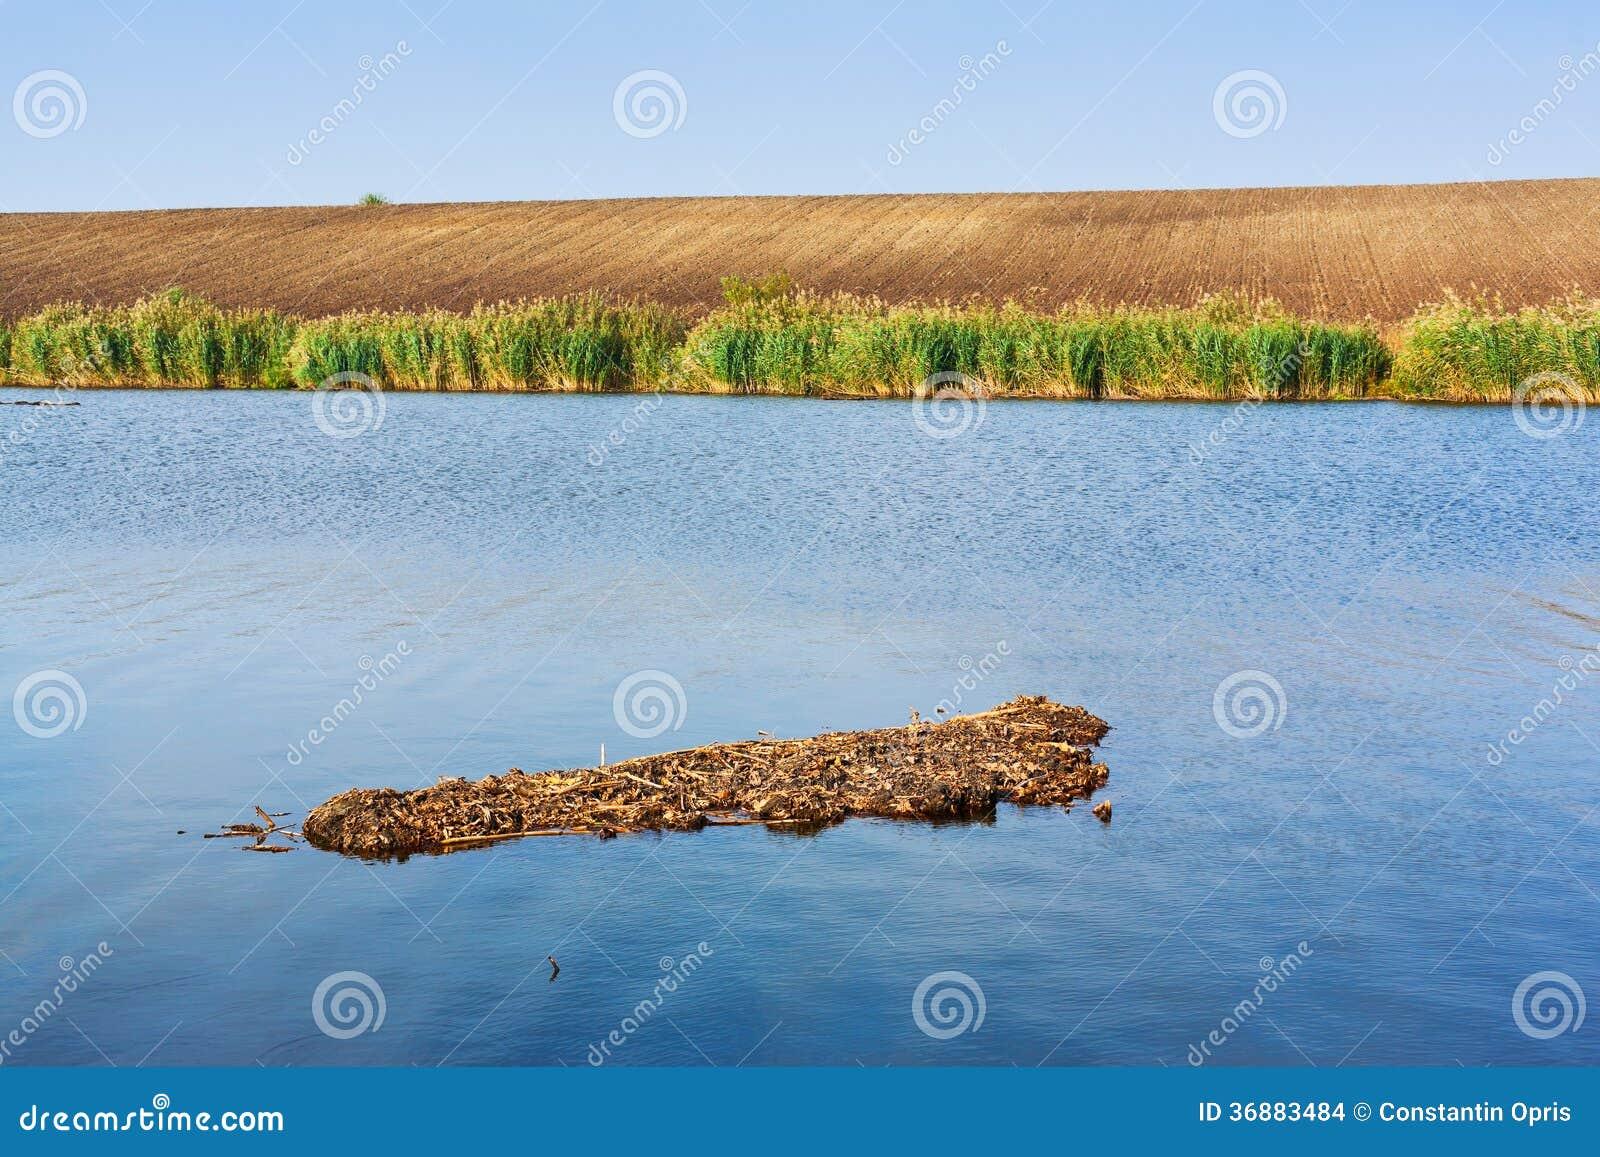 Download Lago basso fotografia stock. Immagine di shallow, lago - 36883484